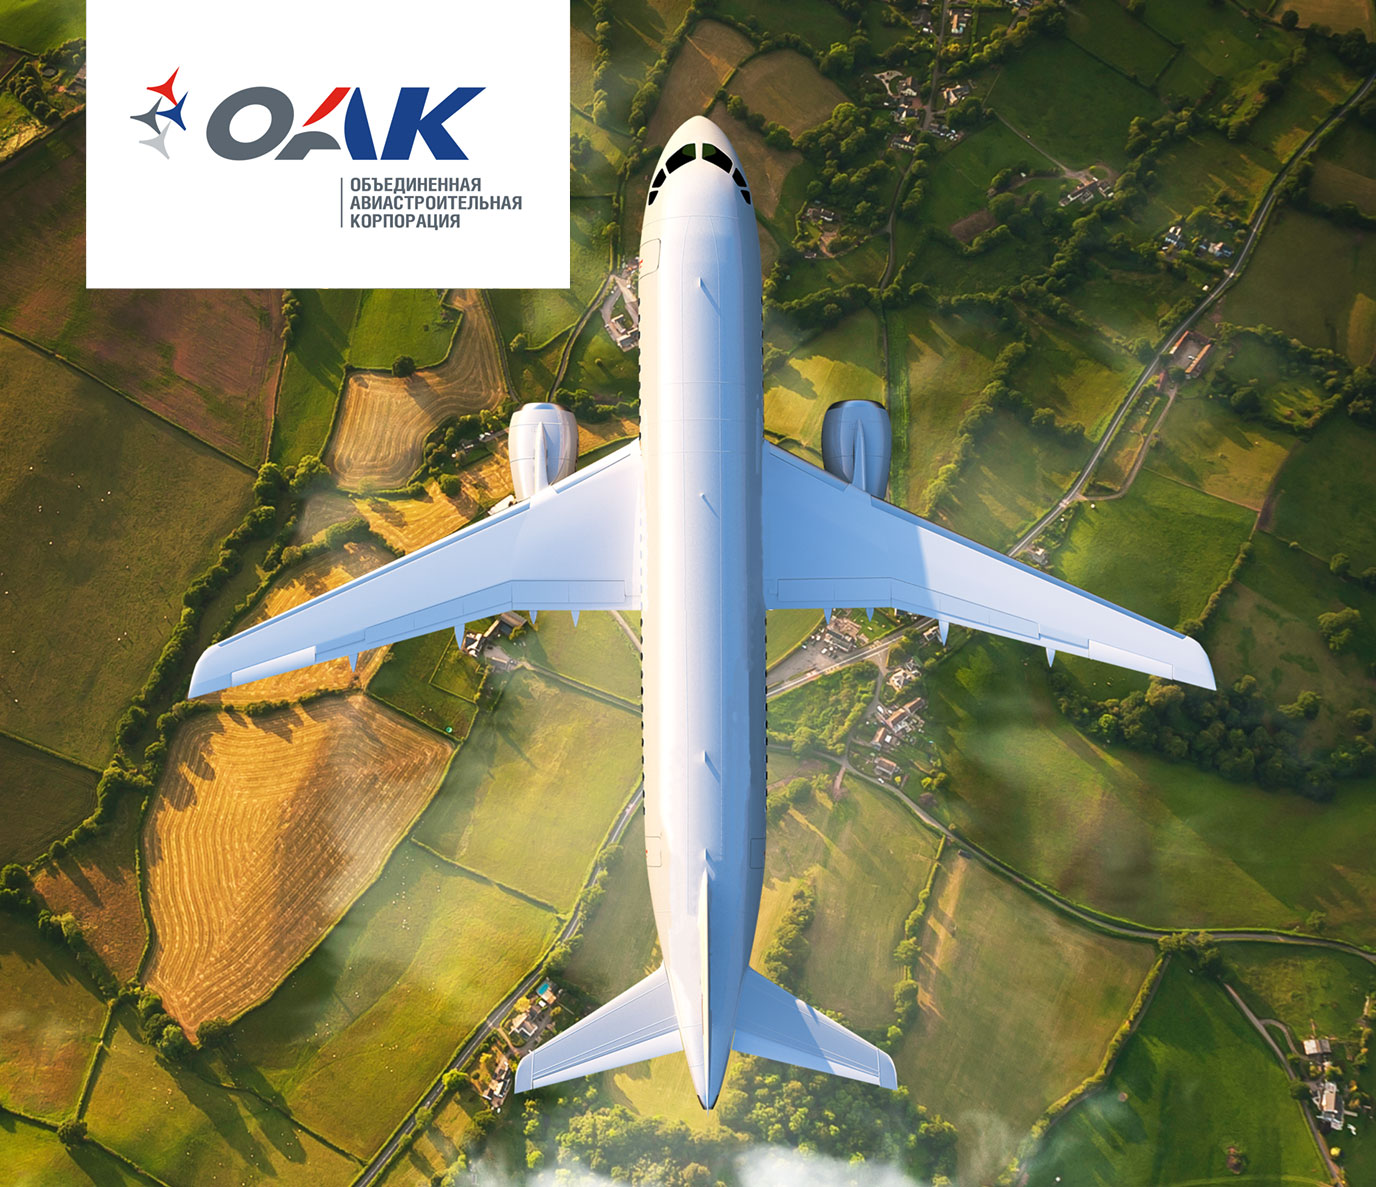 Объединенная авиастроительная корпорация объявила конкурс «Будущее авиации»